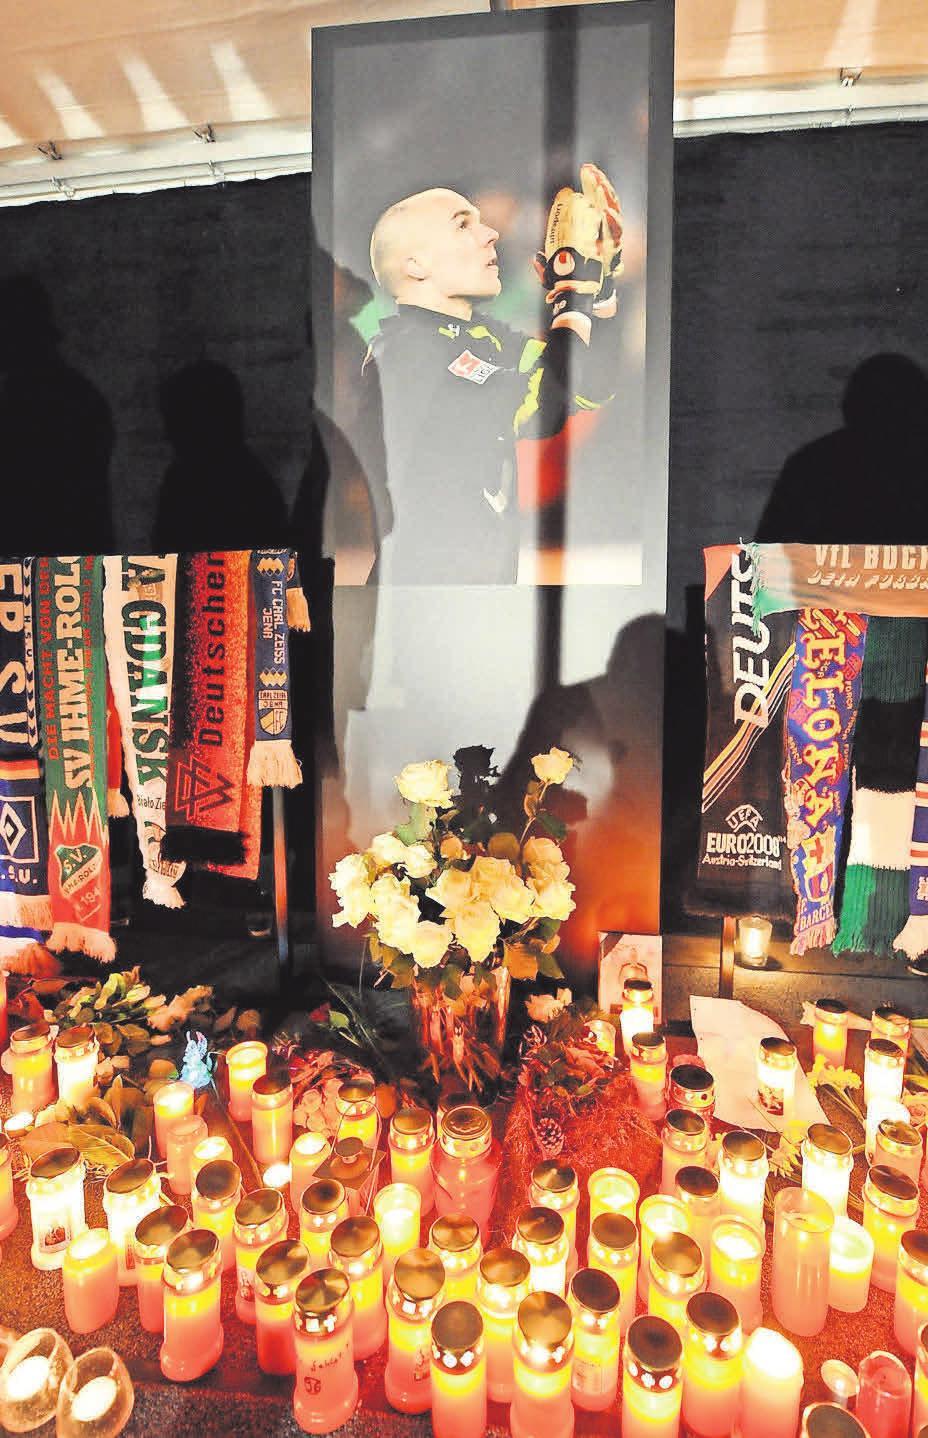 Es werde Licht: Trauerkerzen für den verstorbenen Torhüter Robert Enke stehen in einem Zelt vor der 96-Arena. Bei der Trauerfeier waren mehr als 35 000 Menschen im Stadion, am Fernseher schauten rund sieben Millionen live zu.